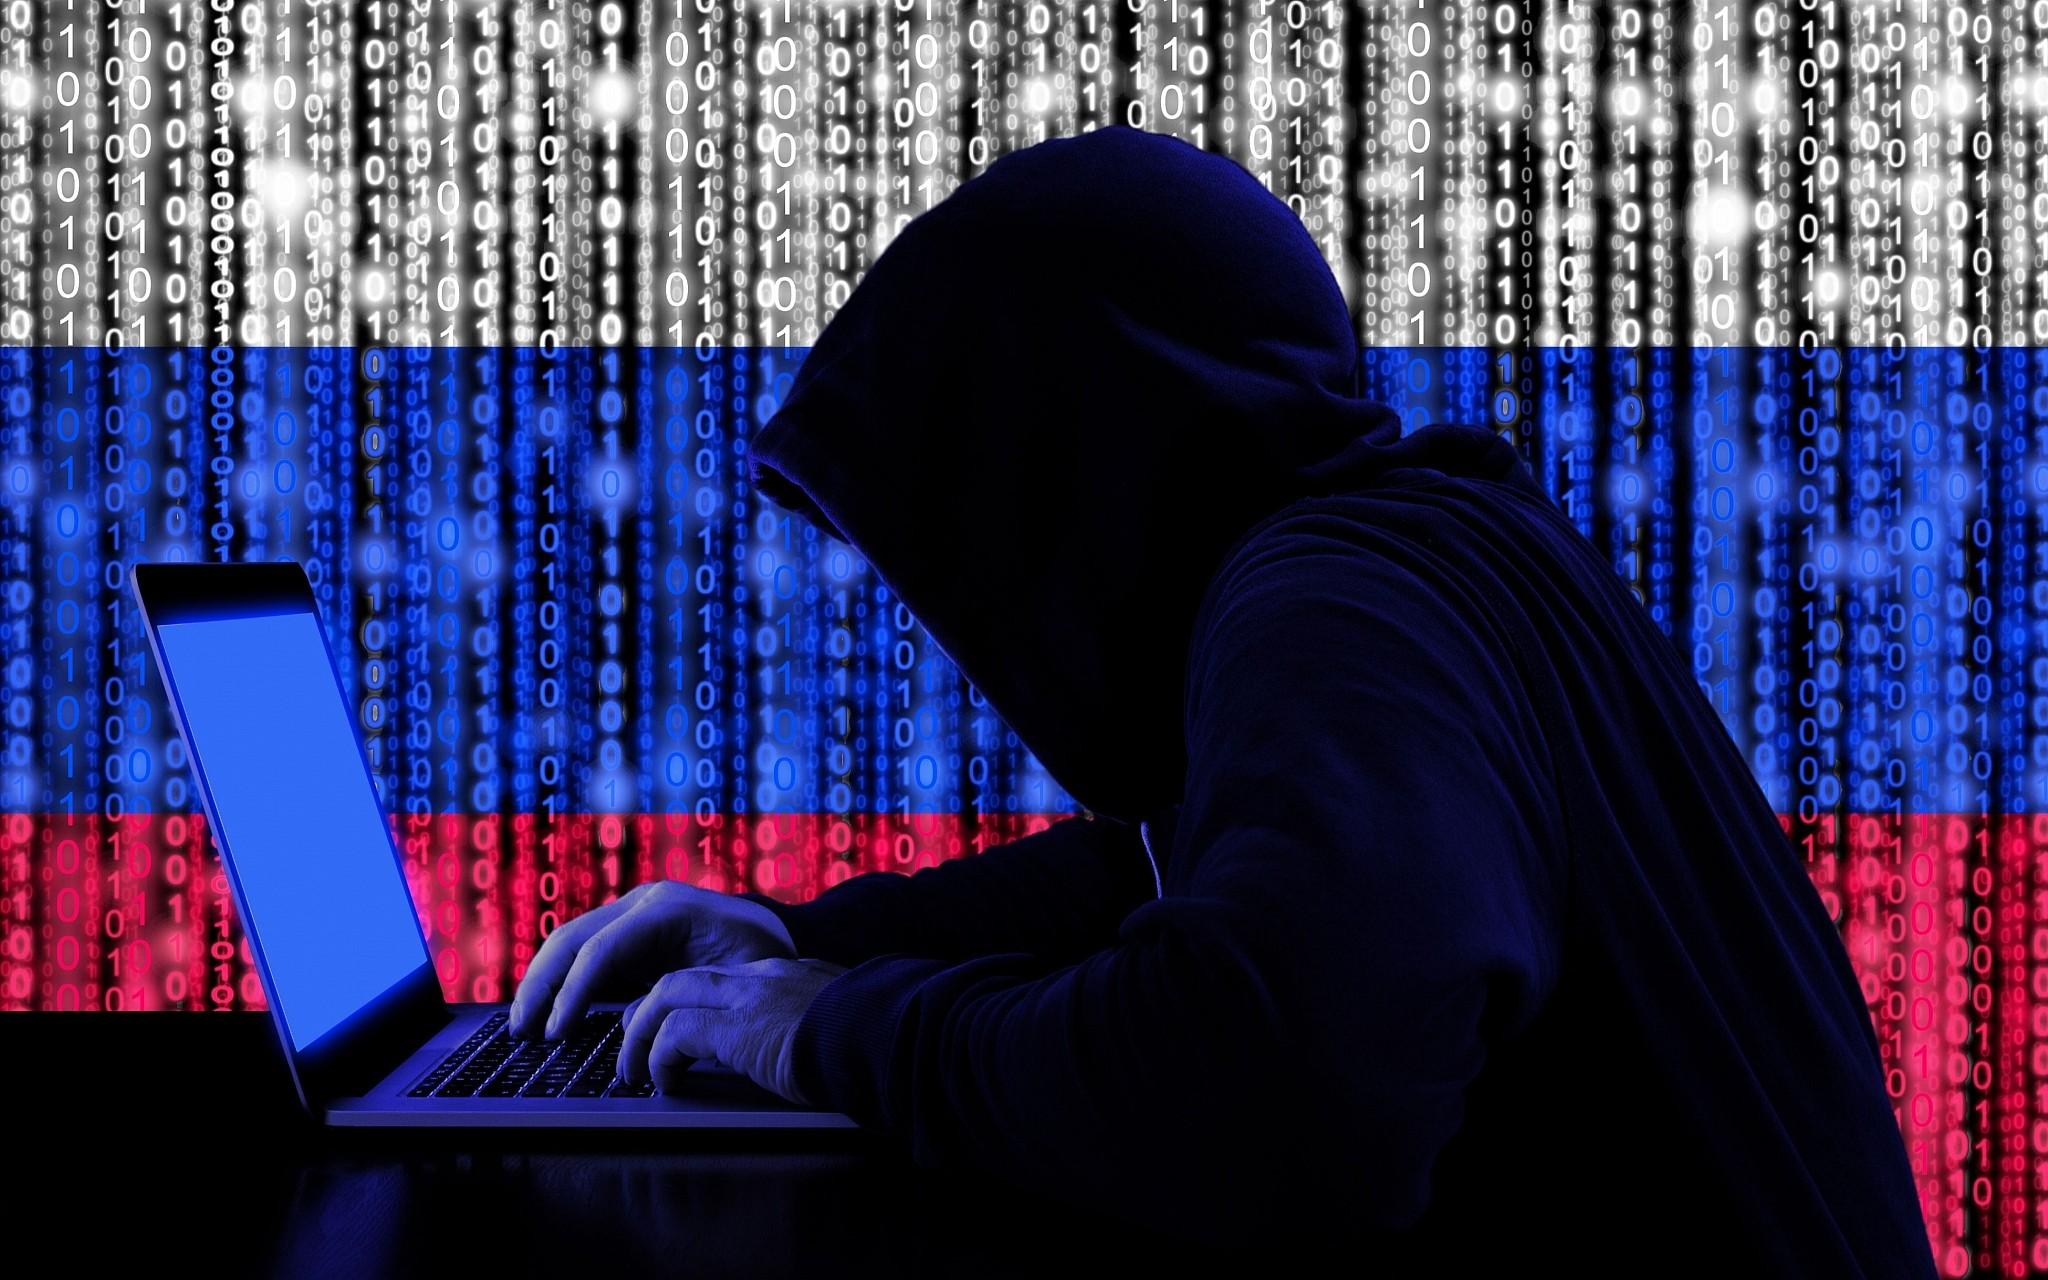 Hình ảnh Hacker đẹp trắng xanh đỏ đen